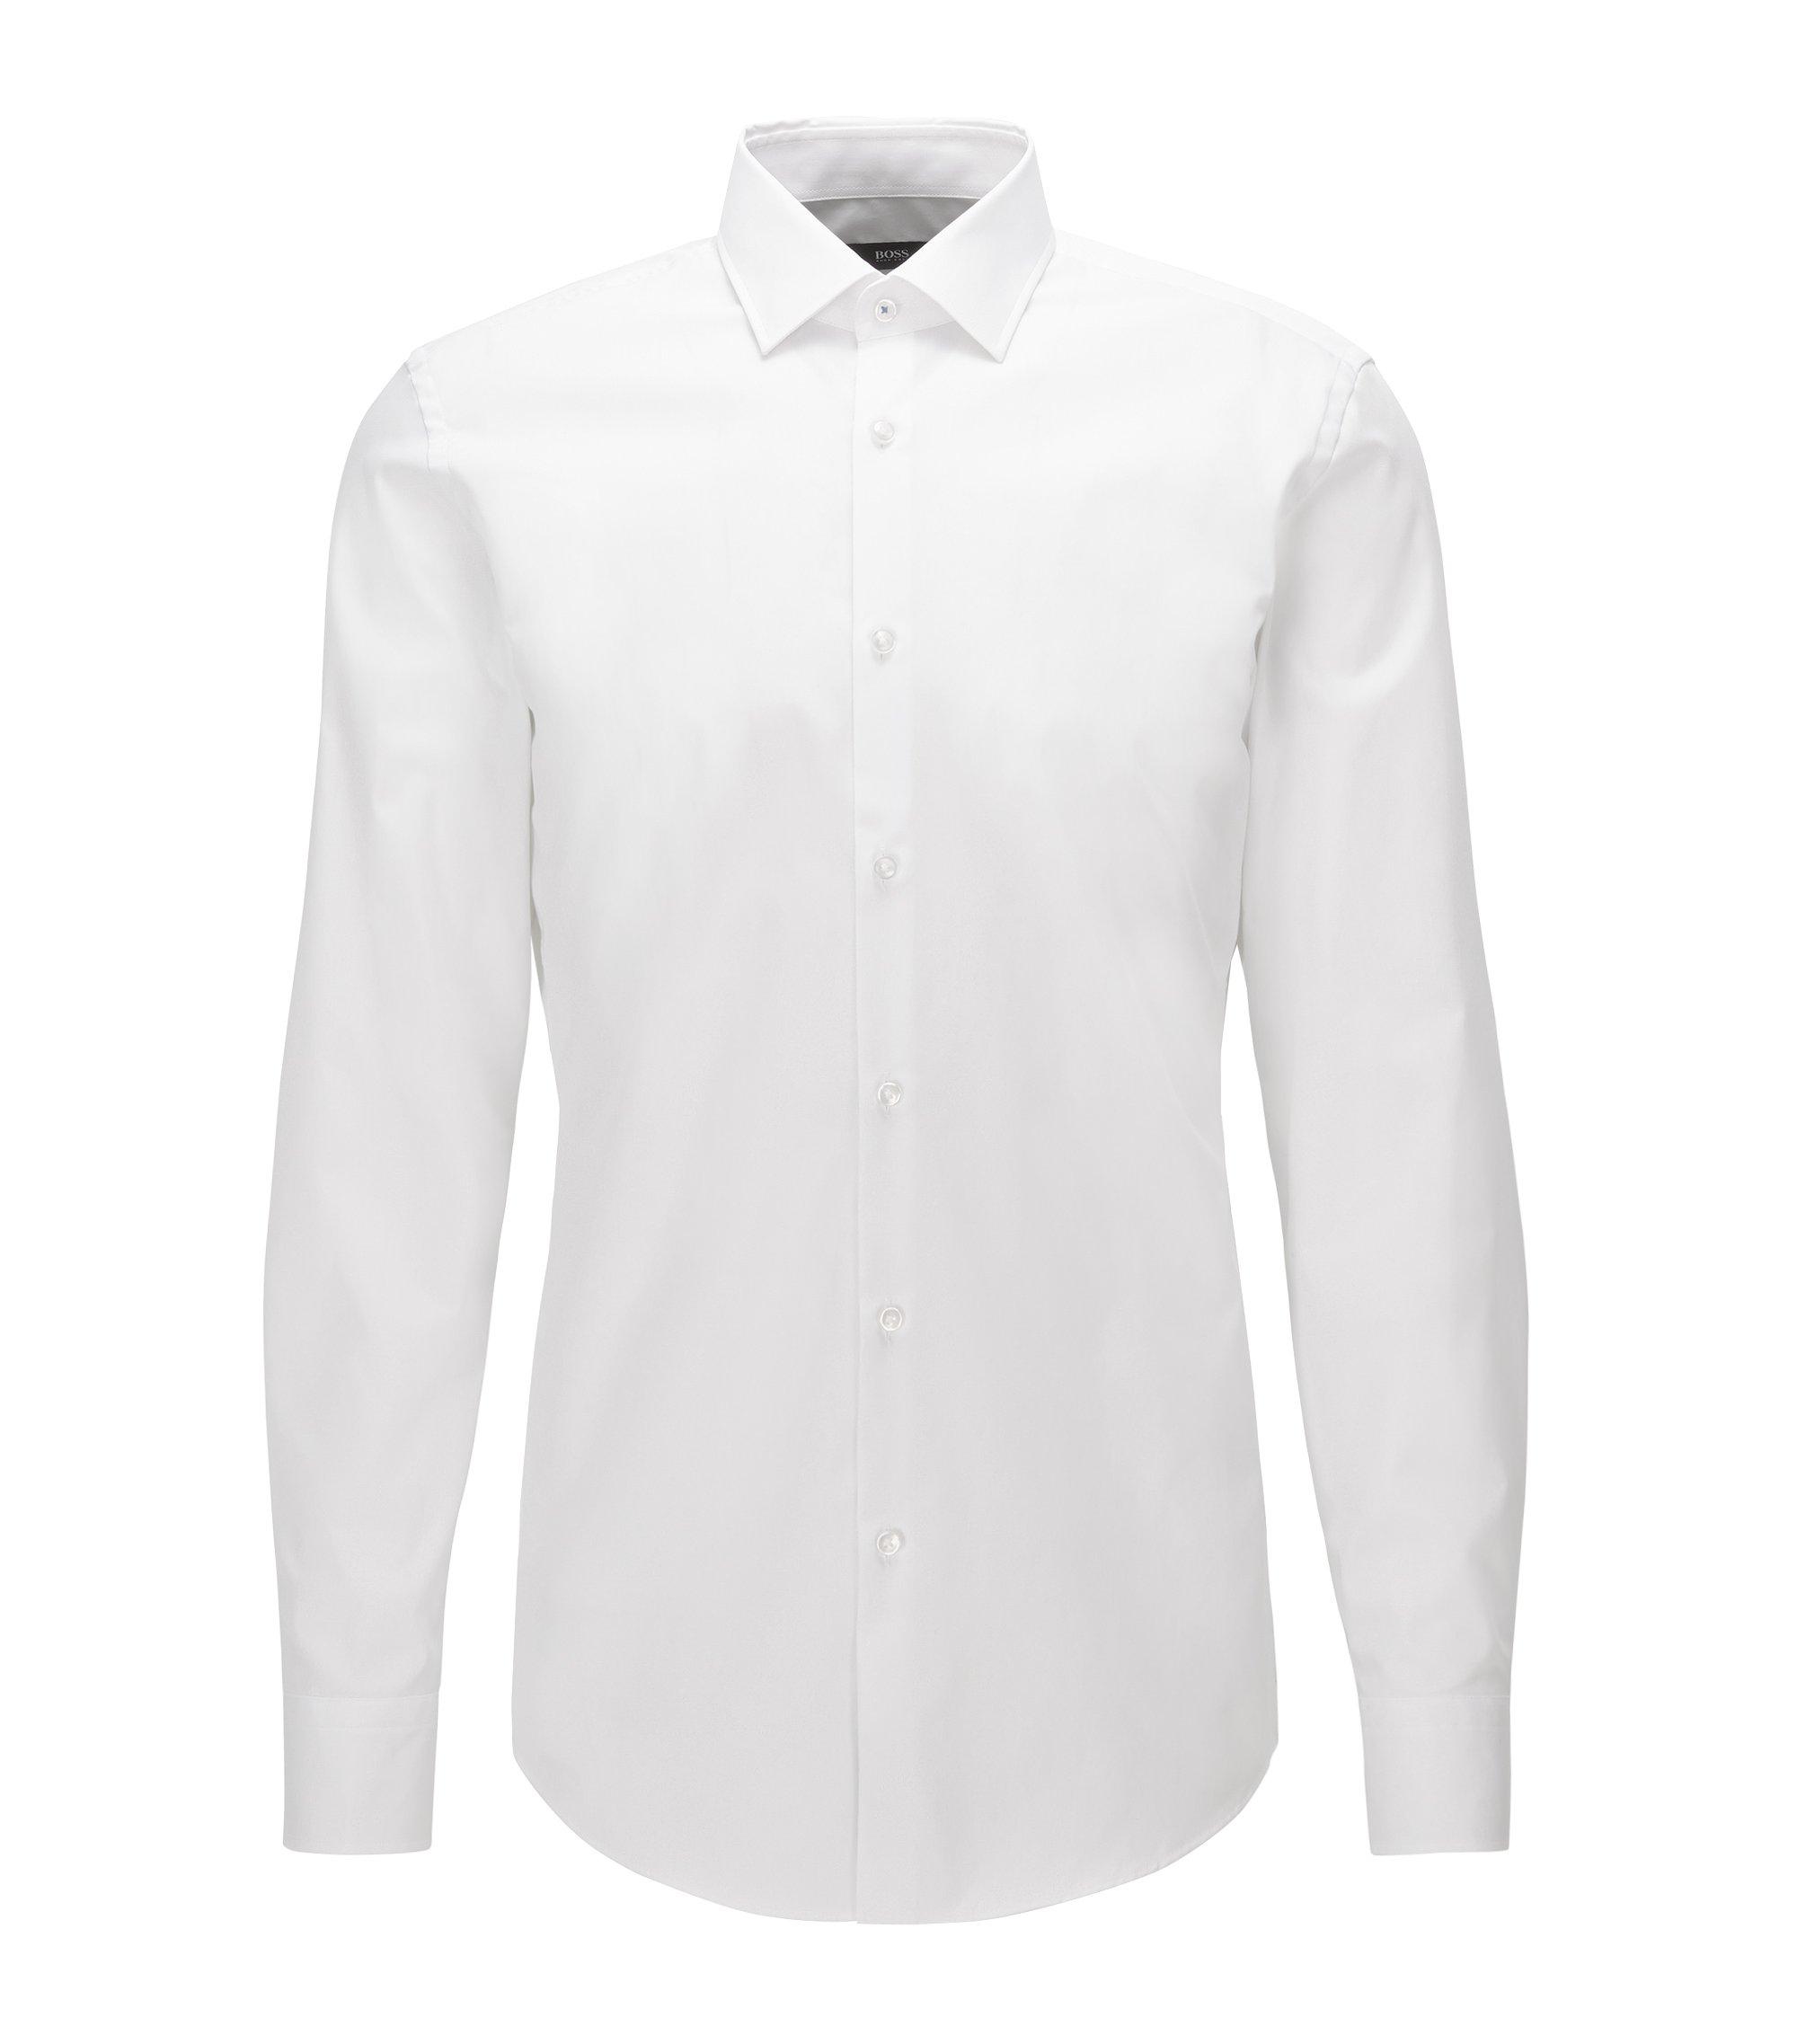 Camicia slim fit in cotone facile da stirare realizzato in Austria, Bianco